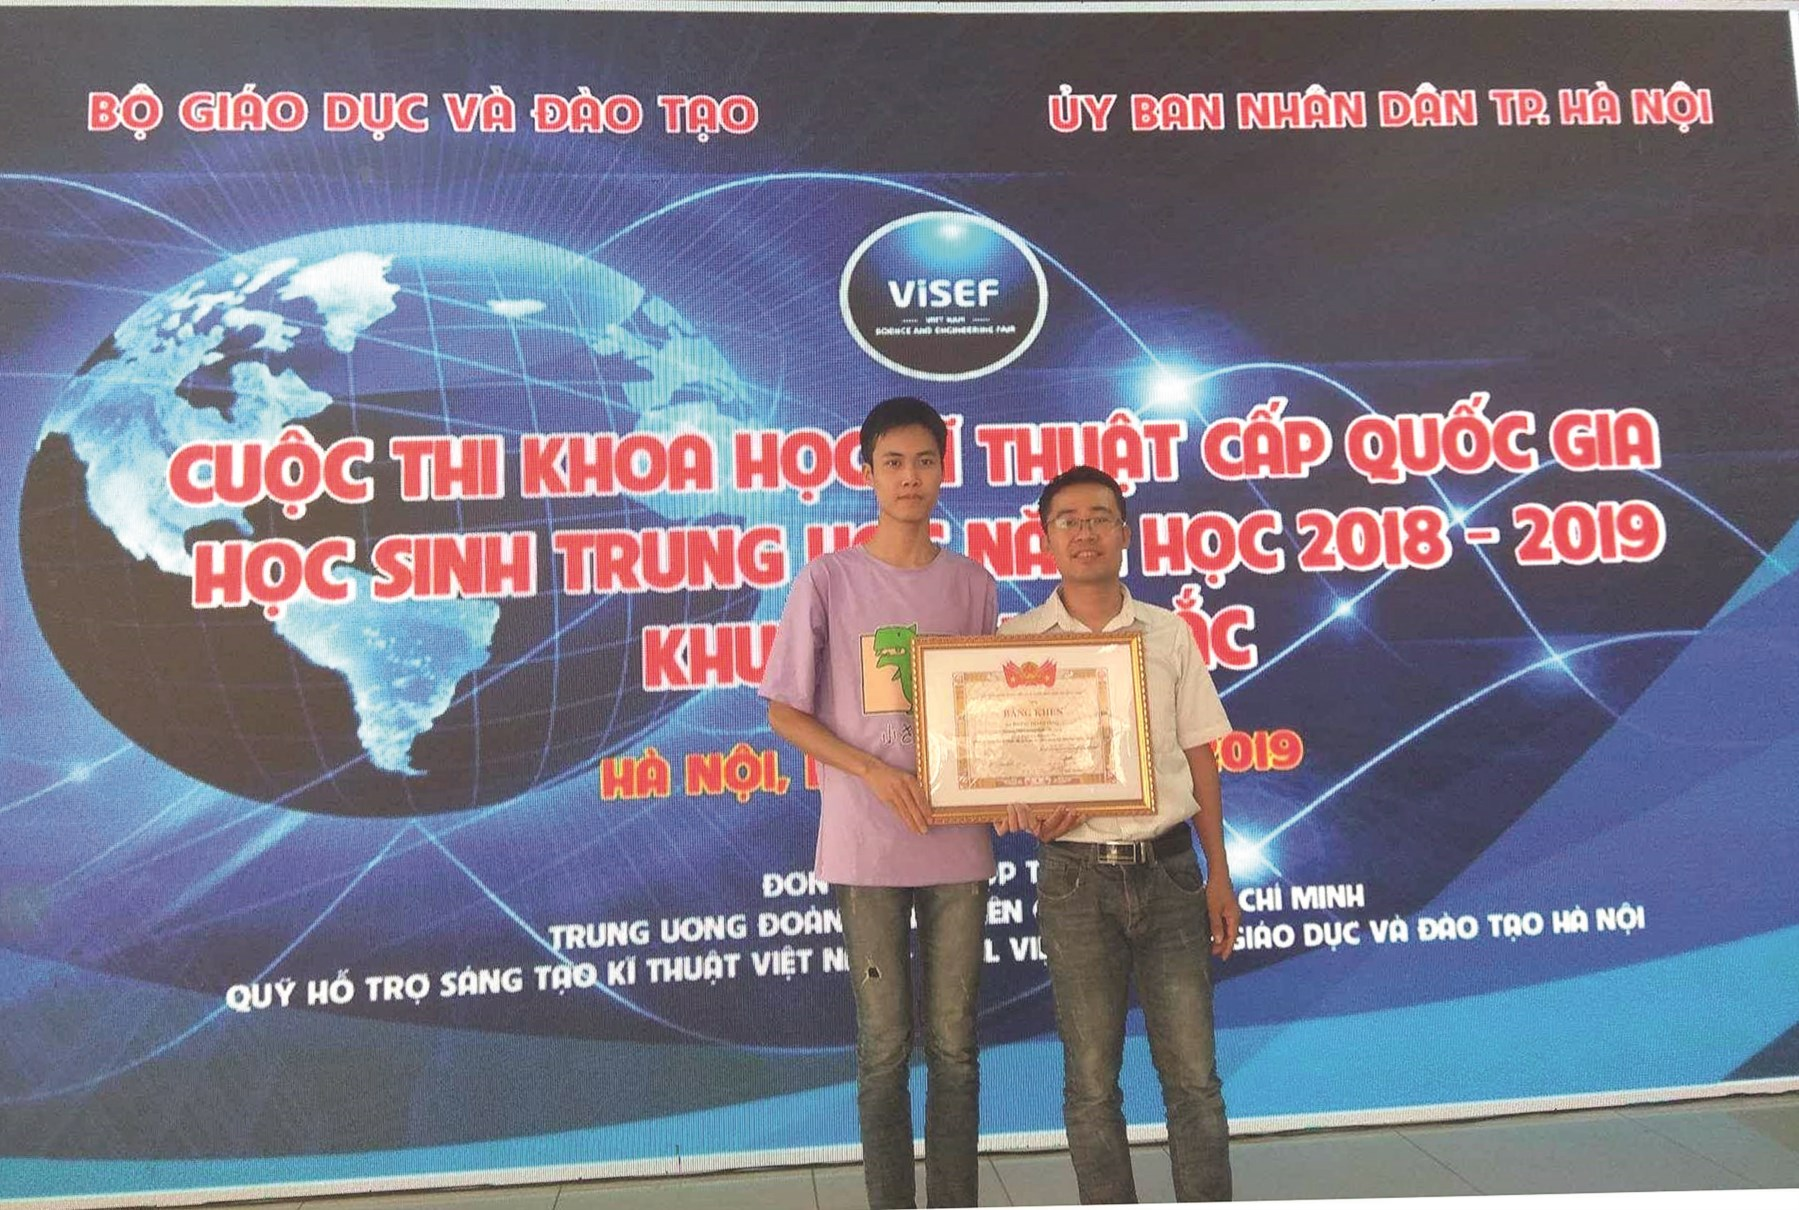 Hoàng Thanh Tùng (bên trái) đoạt giải Nhì cuộc thi Khoa học kỹ thuật cấp quốc gia khu vực phía Bắc.